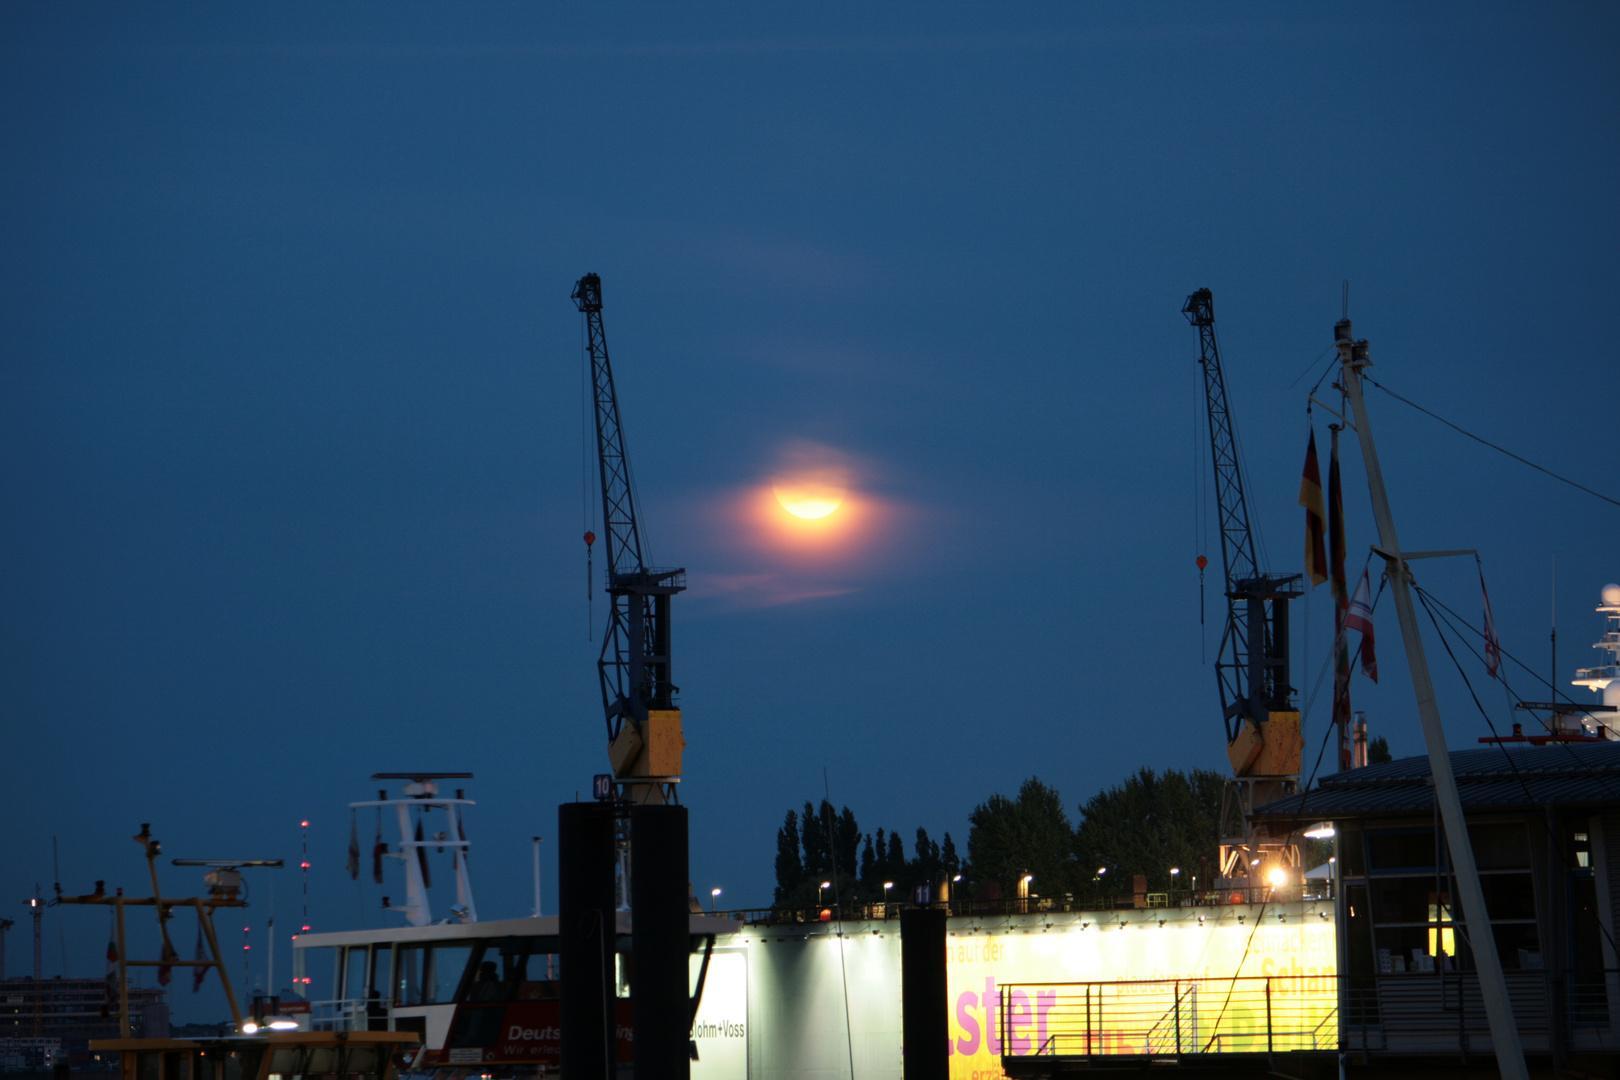 Mond mit einmaligen Staub